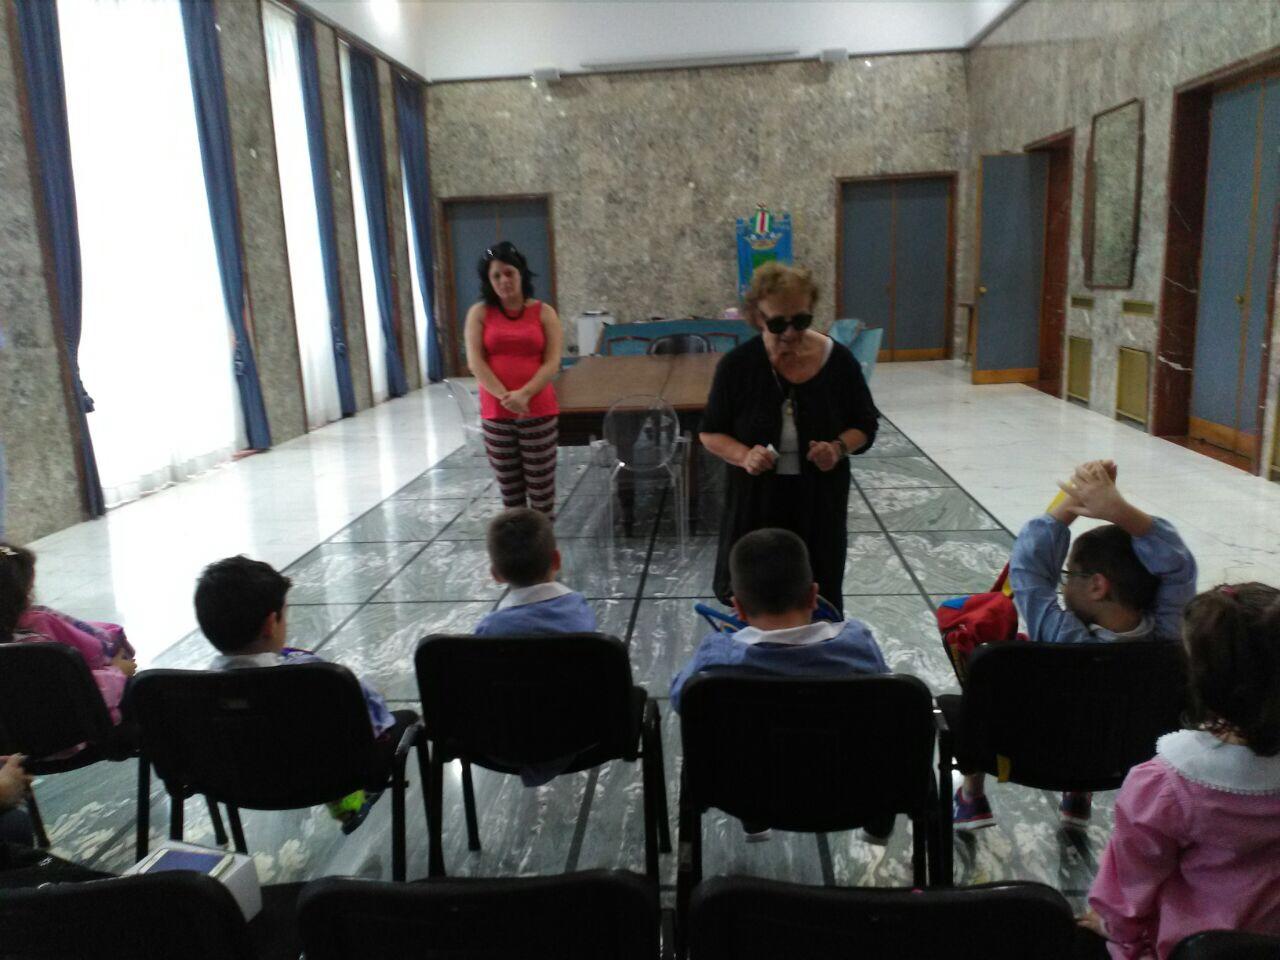 visita al Comune scuola parificata